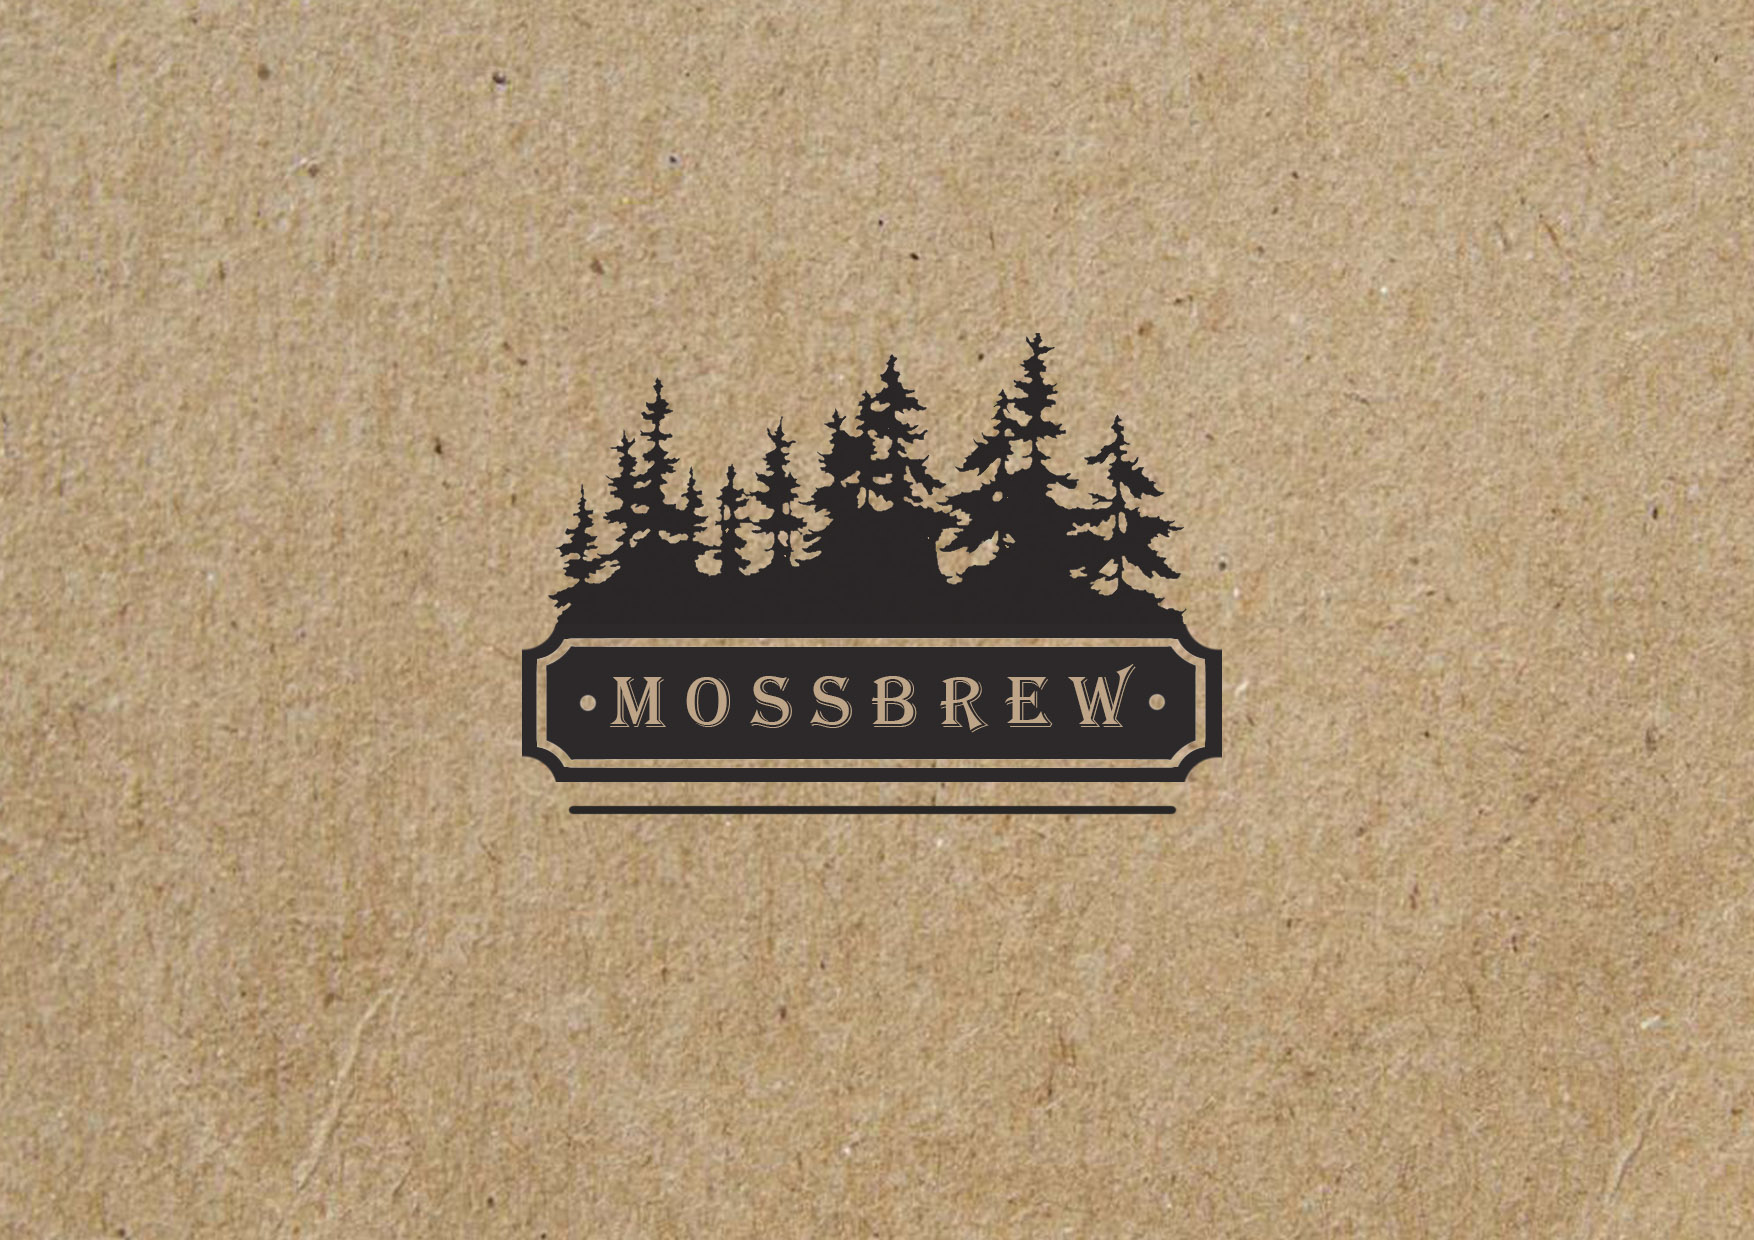 Логотип для пивоварни фото f_7035989f6bf64b37.jpg